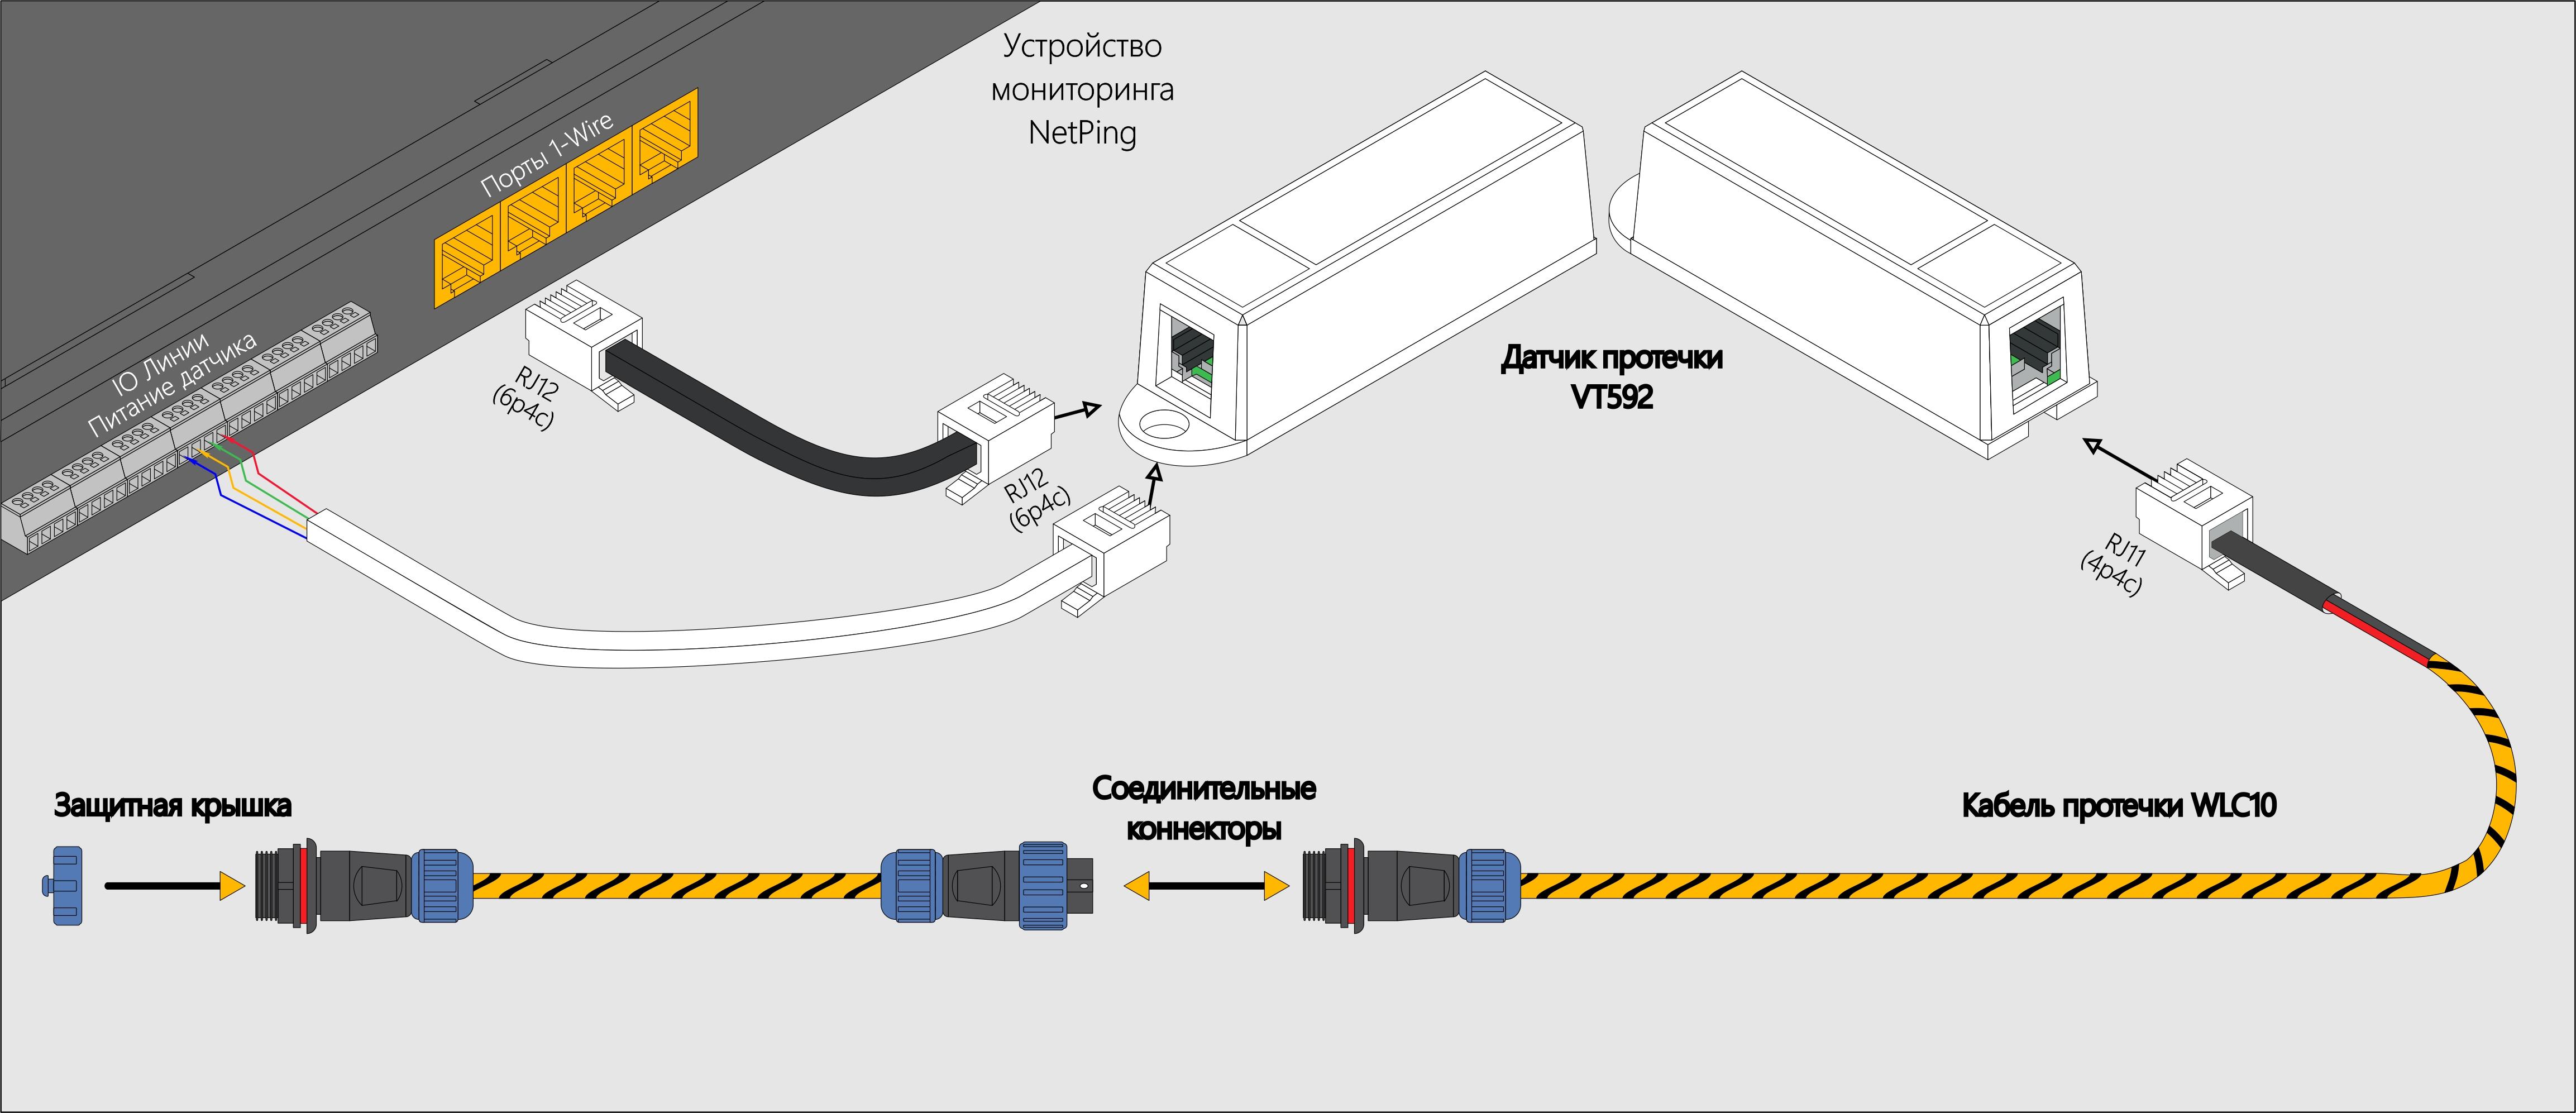 Датчик протечки VT592 и кабель протечки WLC10 схема подключения